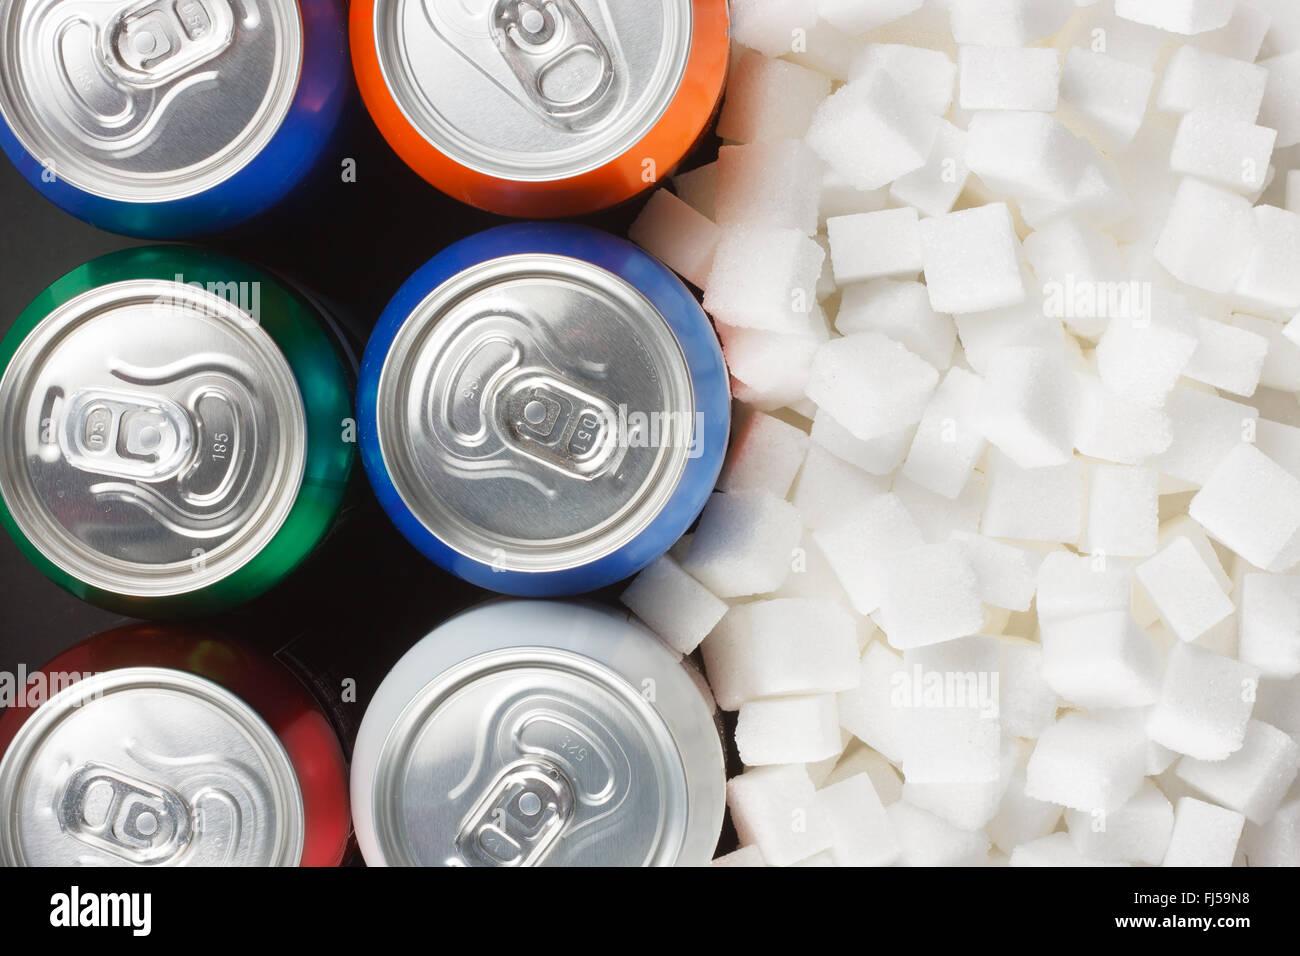 Ungesunde Lebensmittel Konzept - Zucker in Limonaden. Zuckerwürfel als Hintergrund und aus der Dose trinken Stockbild